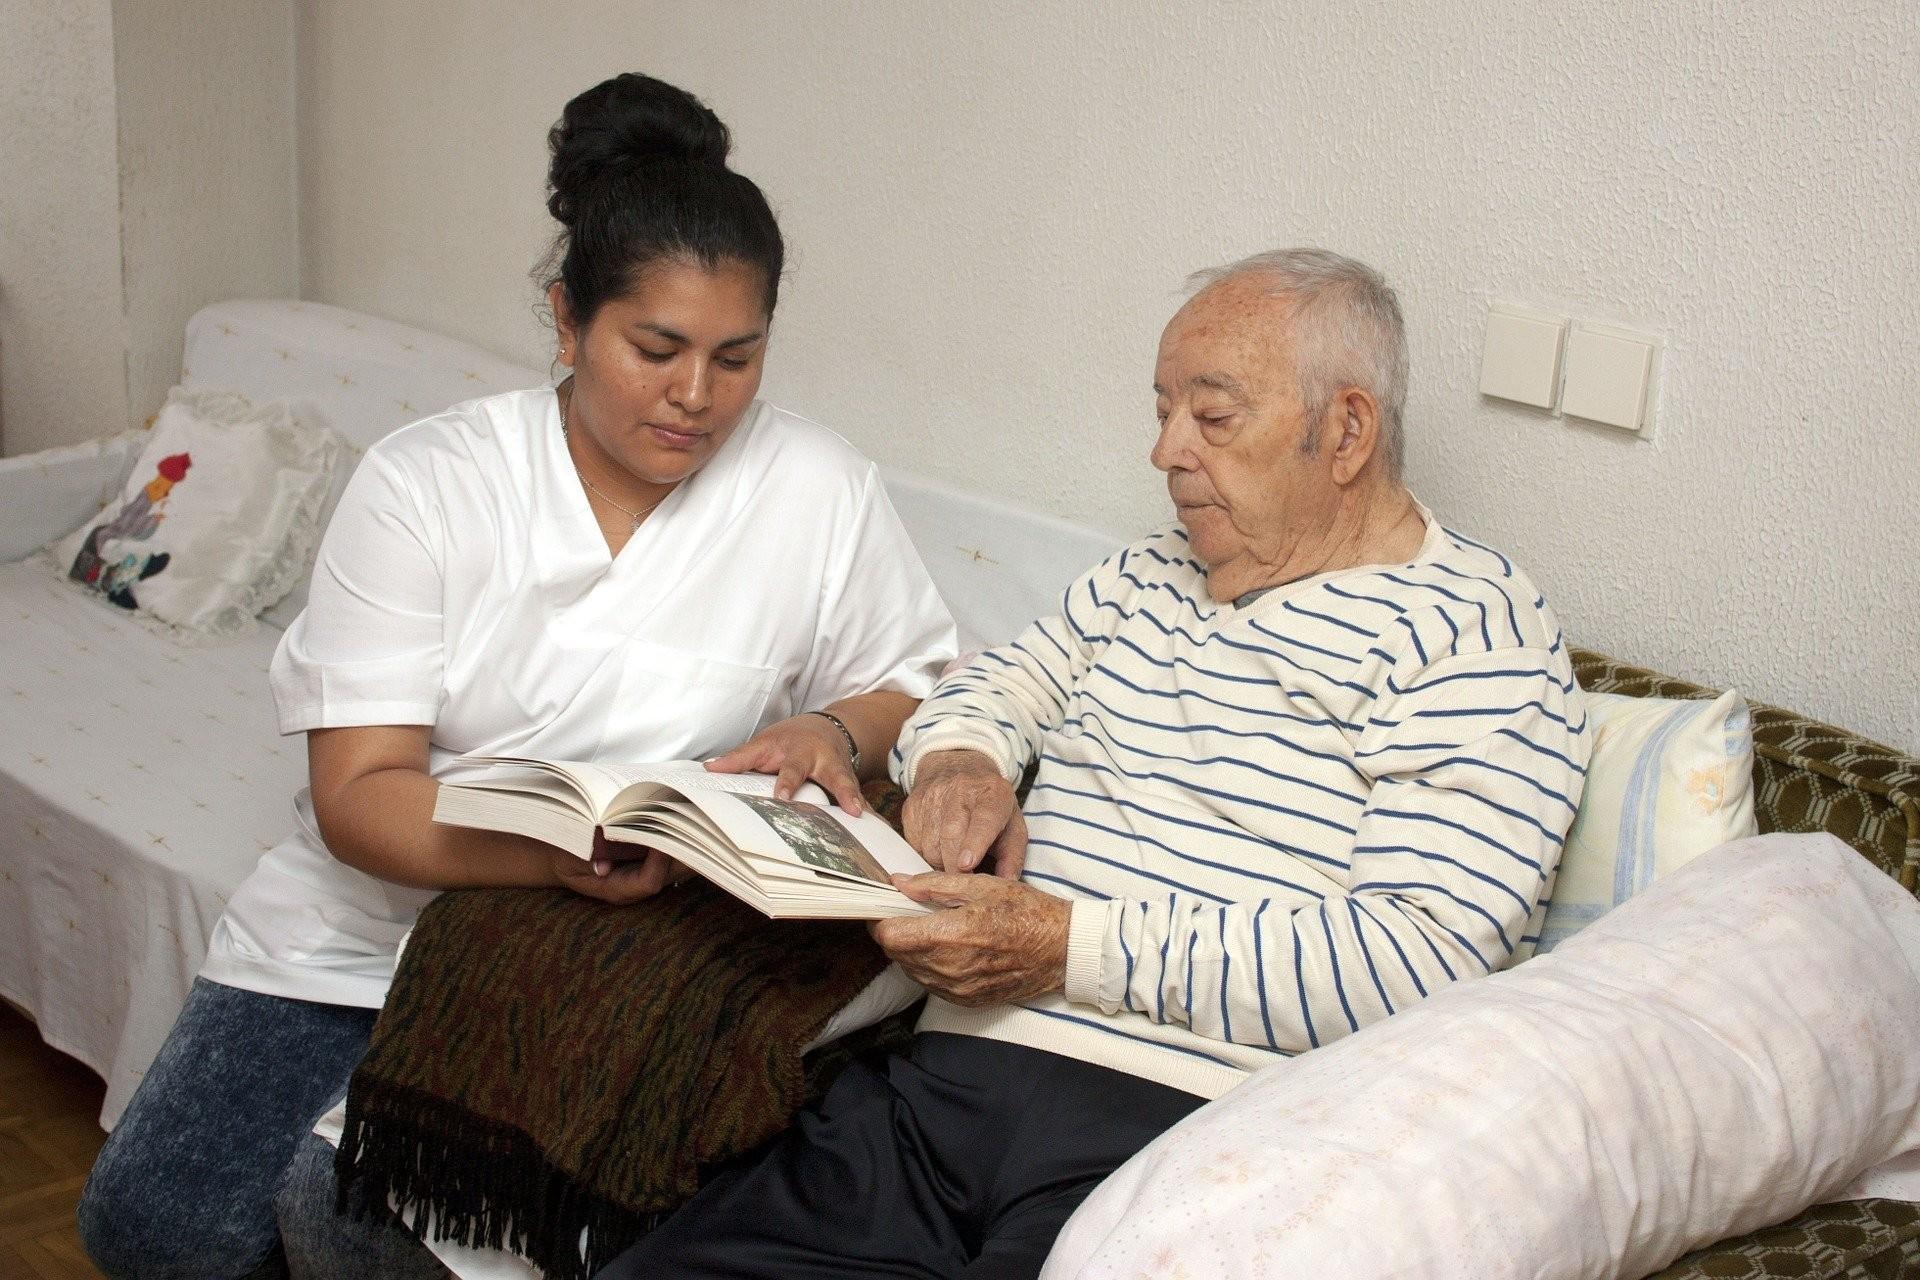 Atendimento deve englobar pacientes com demência e seus cuidadores